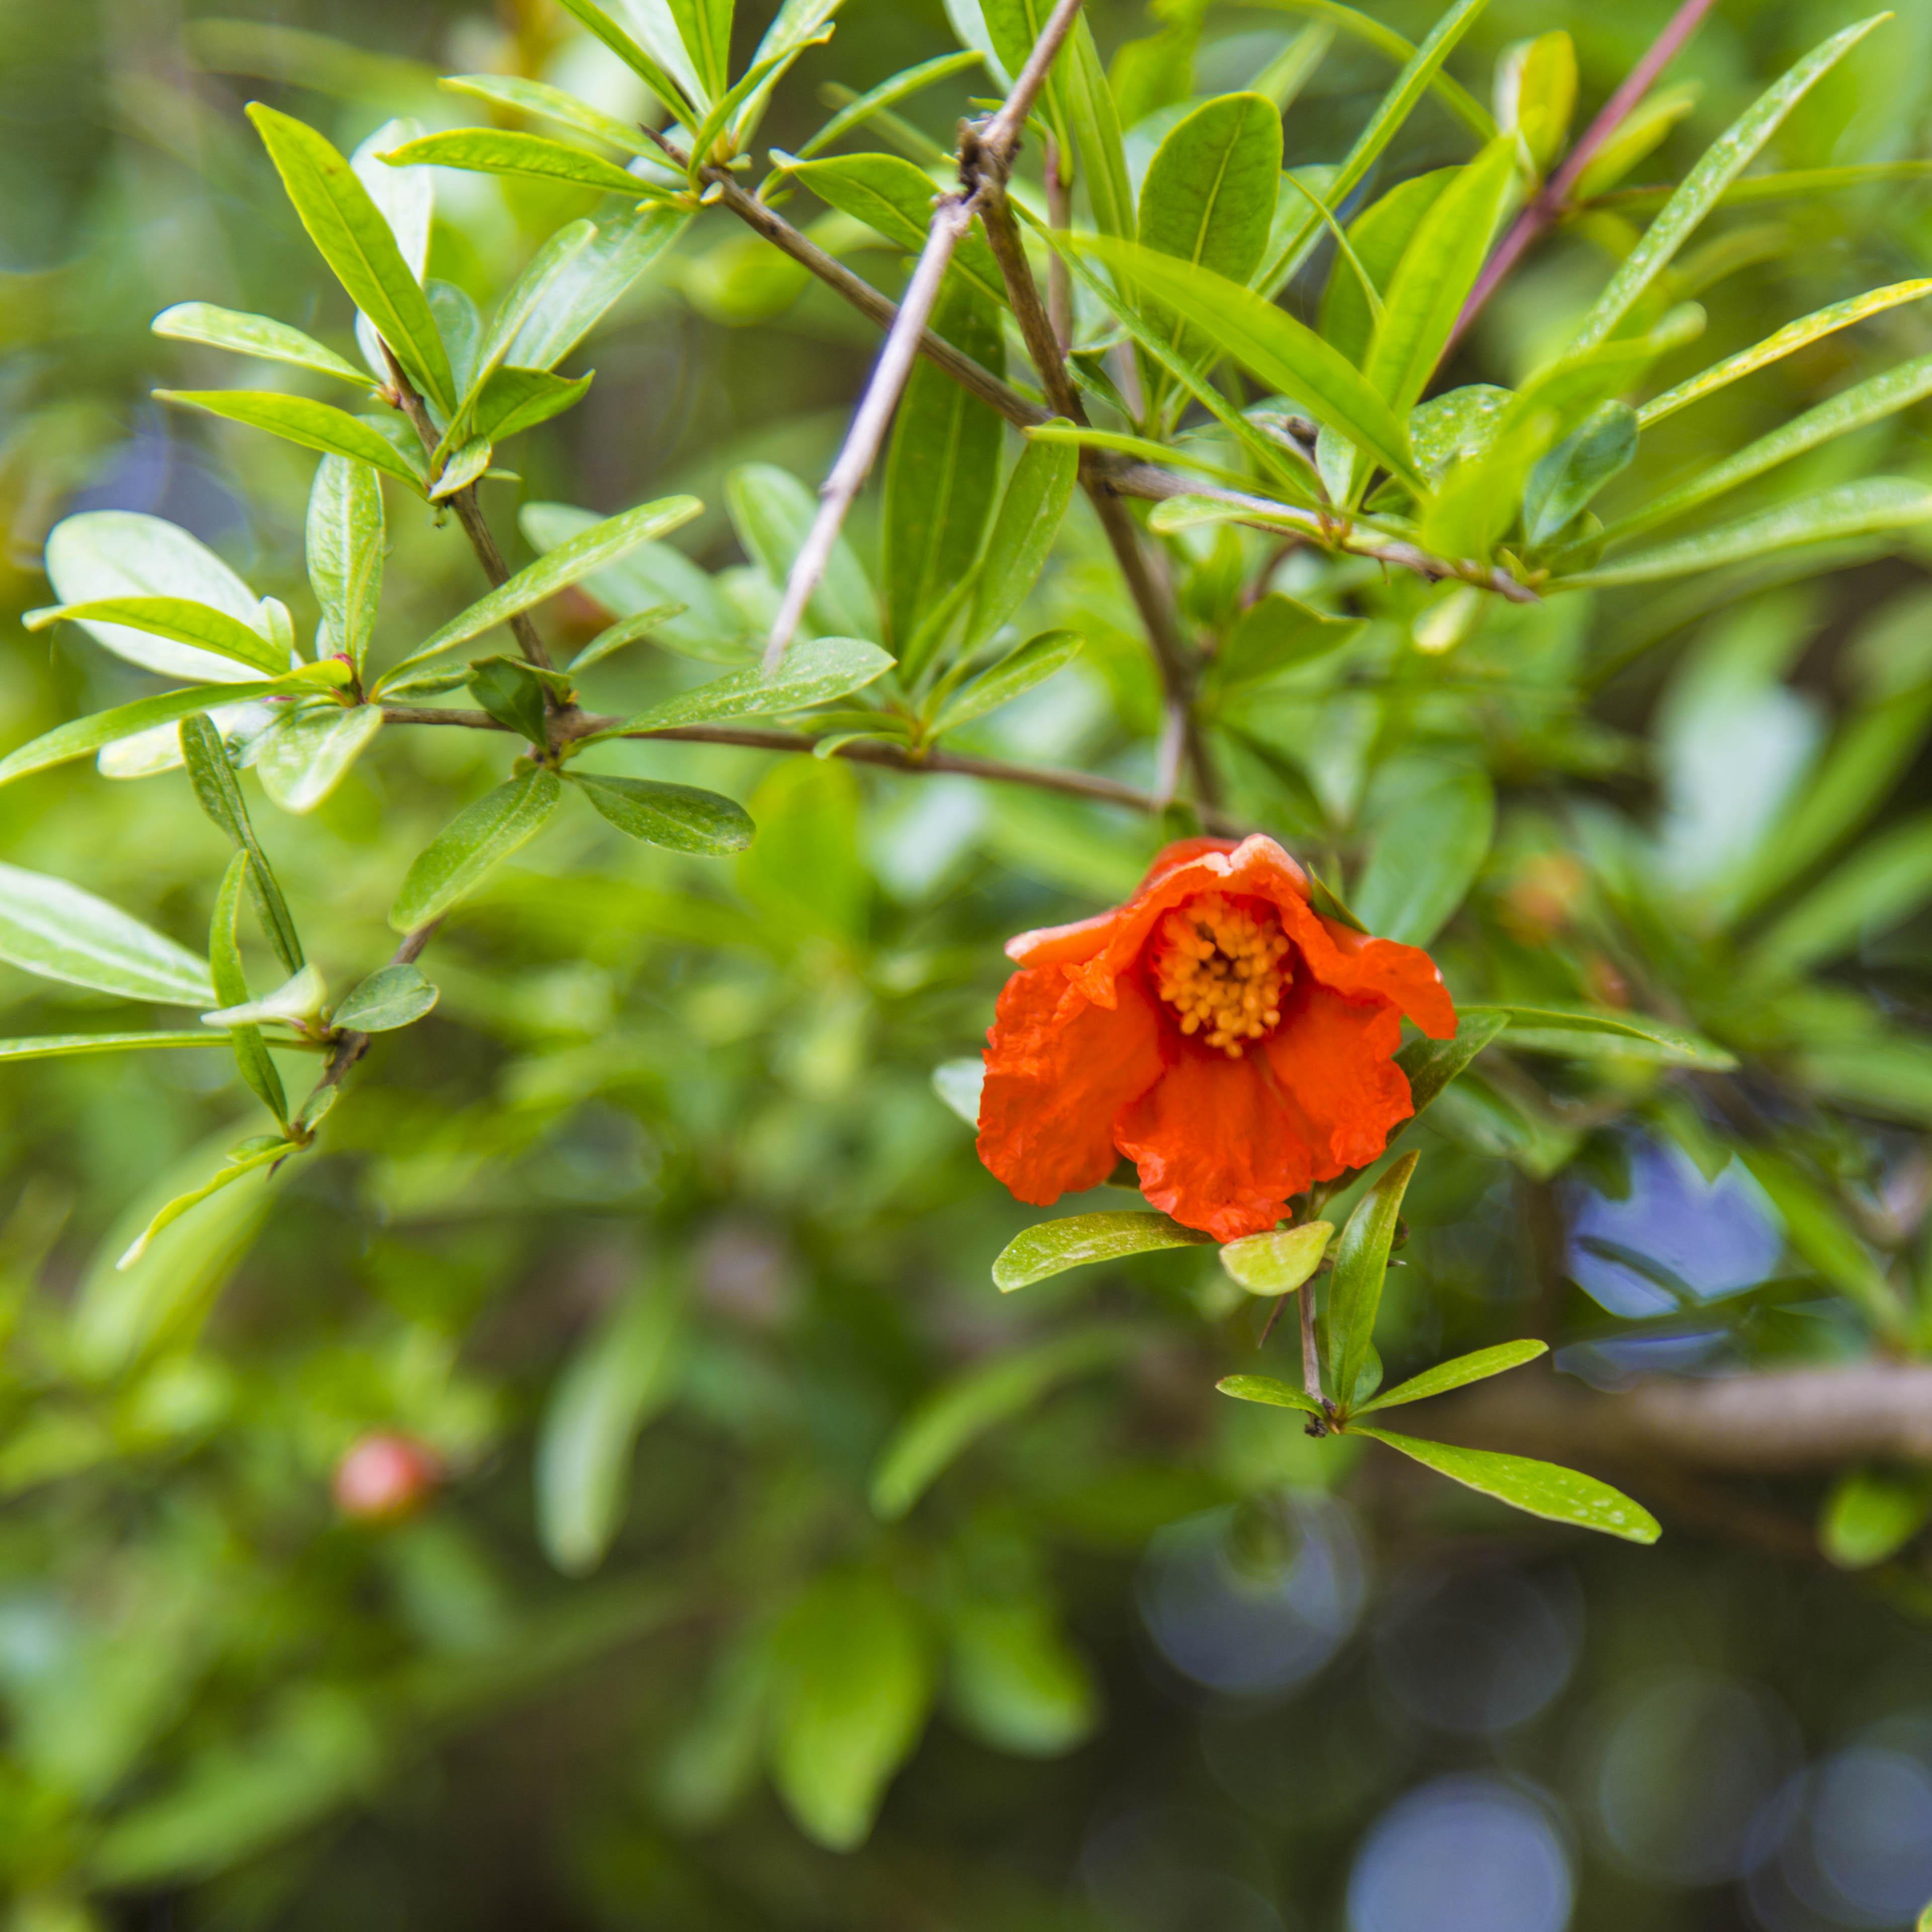 صنایع چوبی سنگیان اولین حامی محیط زیست درخت های انار ترش مازندران